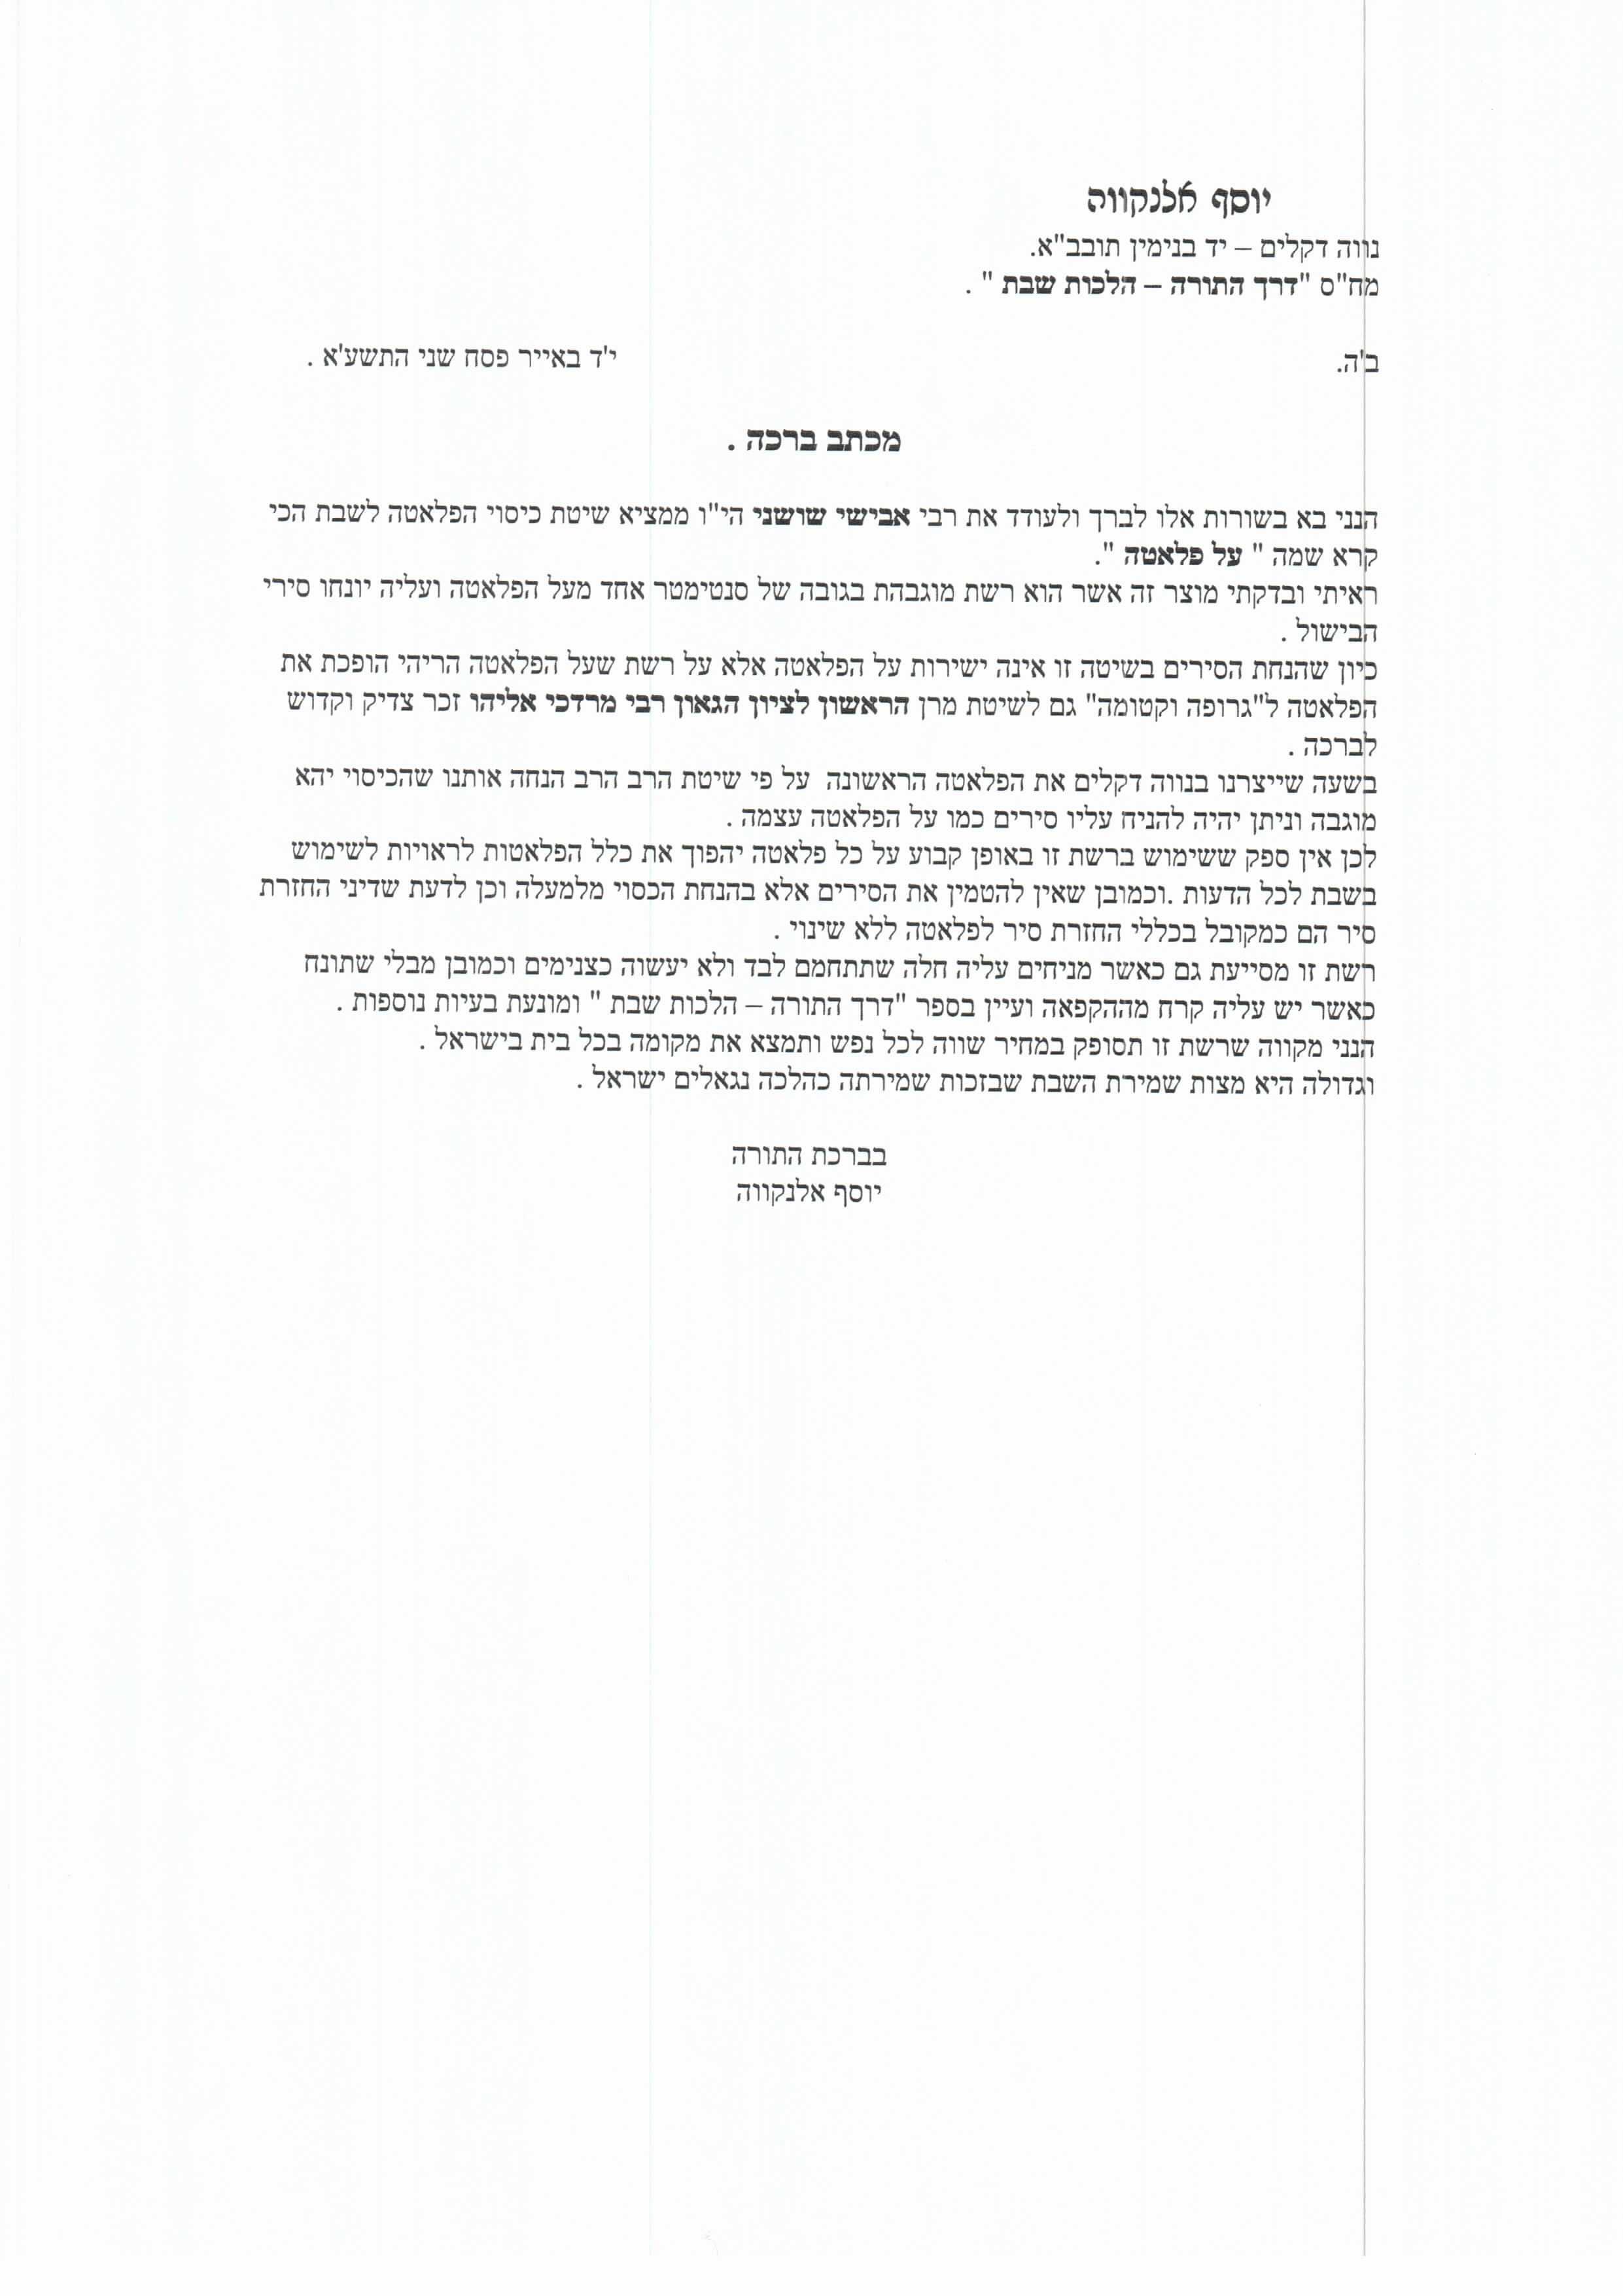 אישור הרב יוסף אלנקווה - על הפלטה - להניח סירים על פלטה בשבת